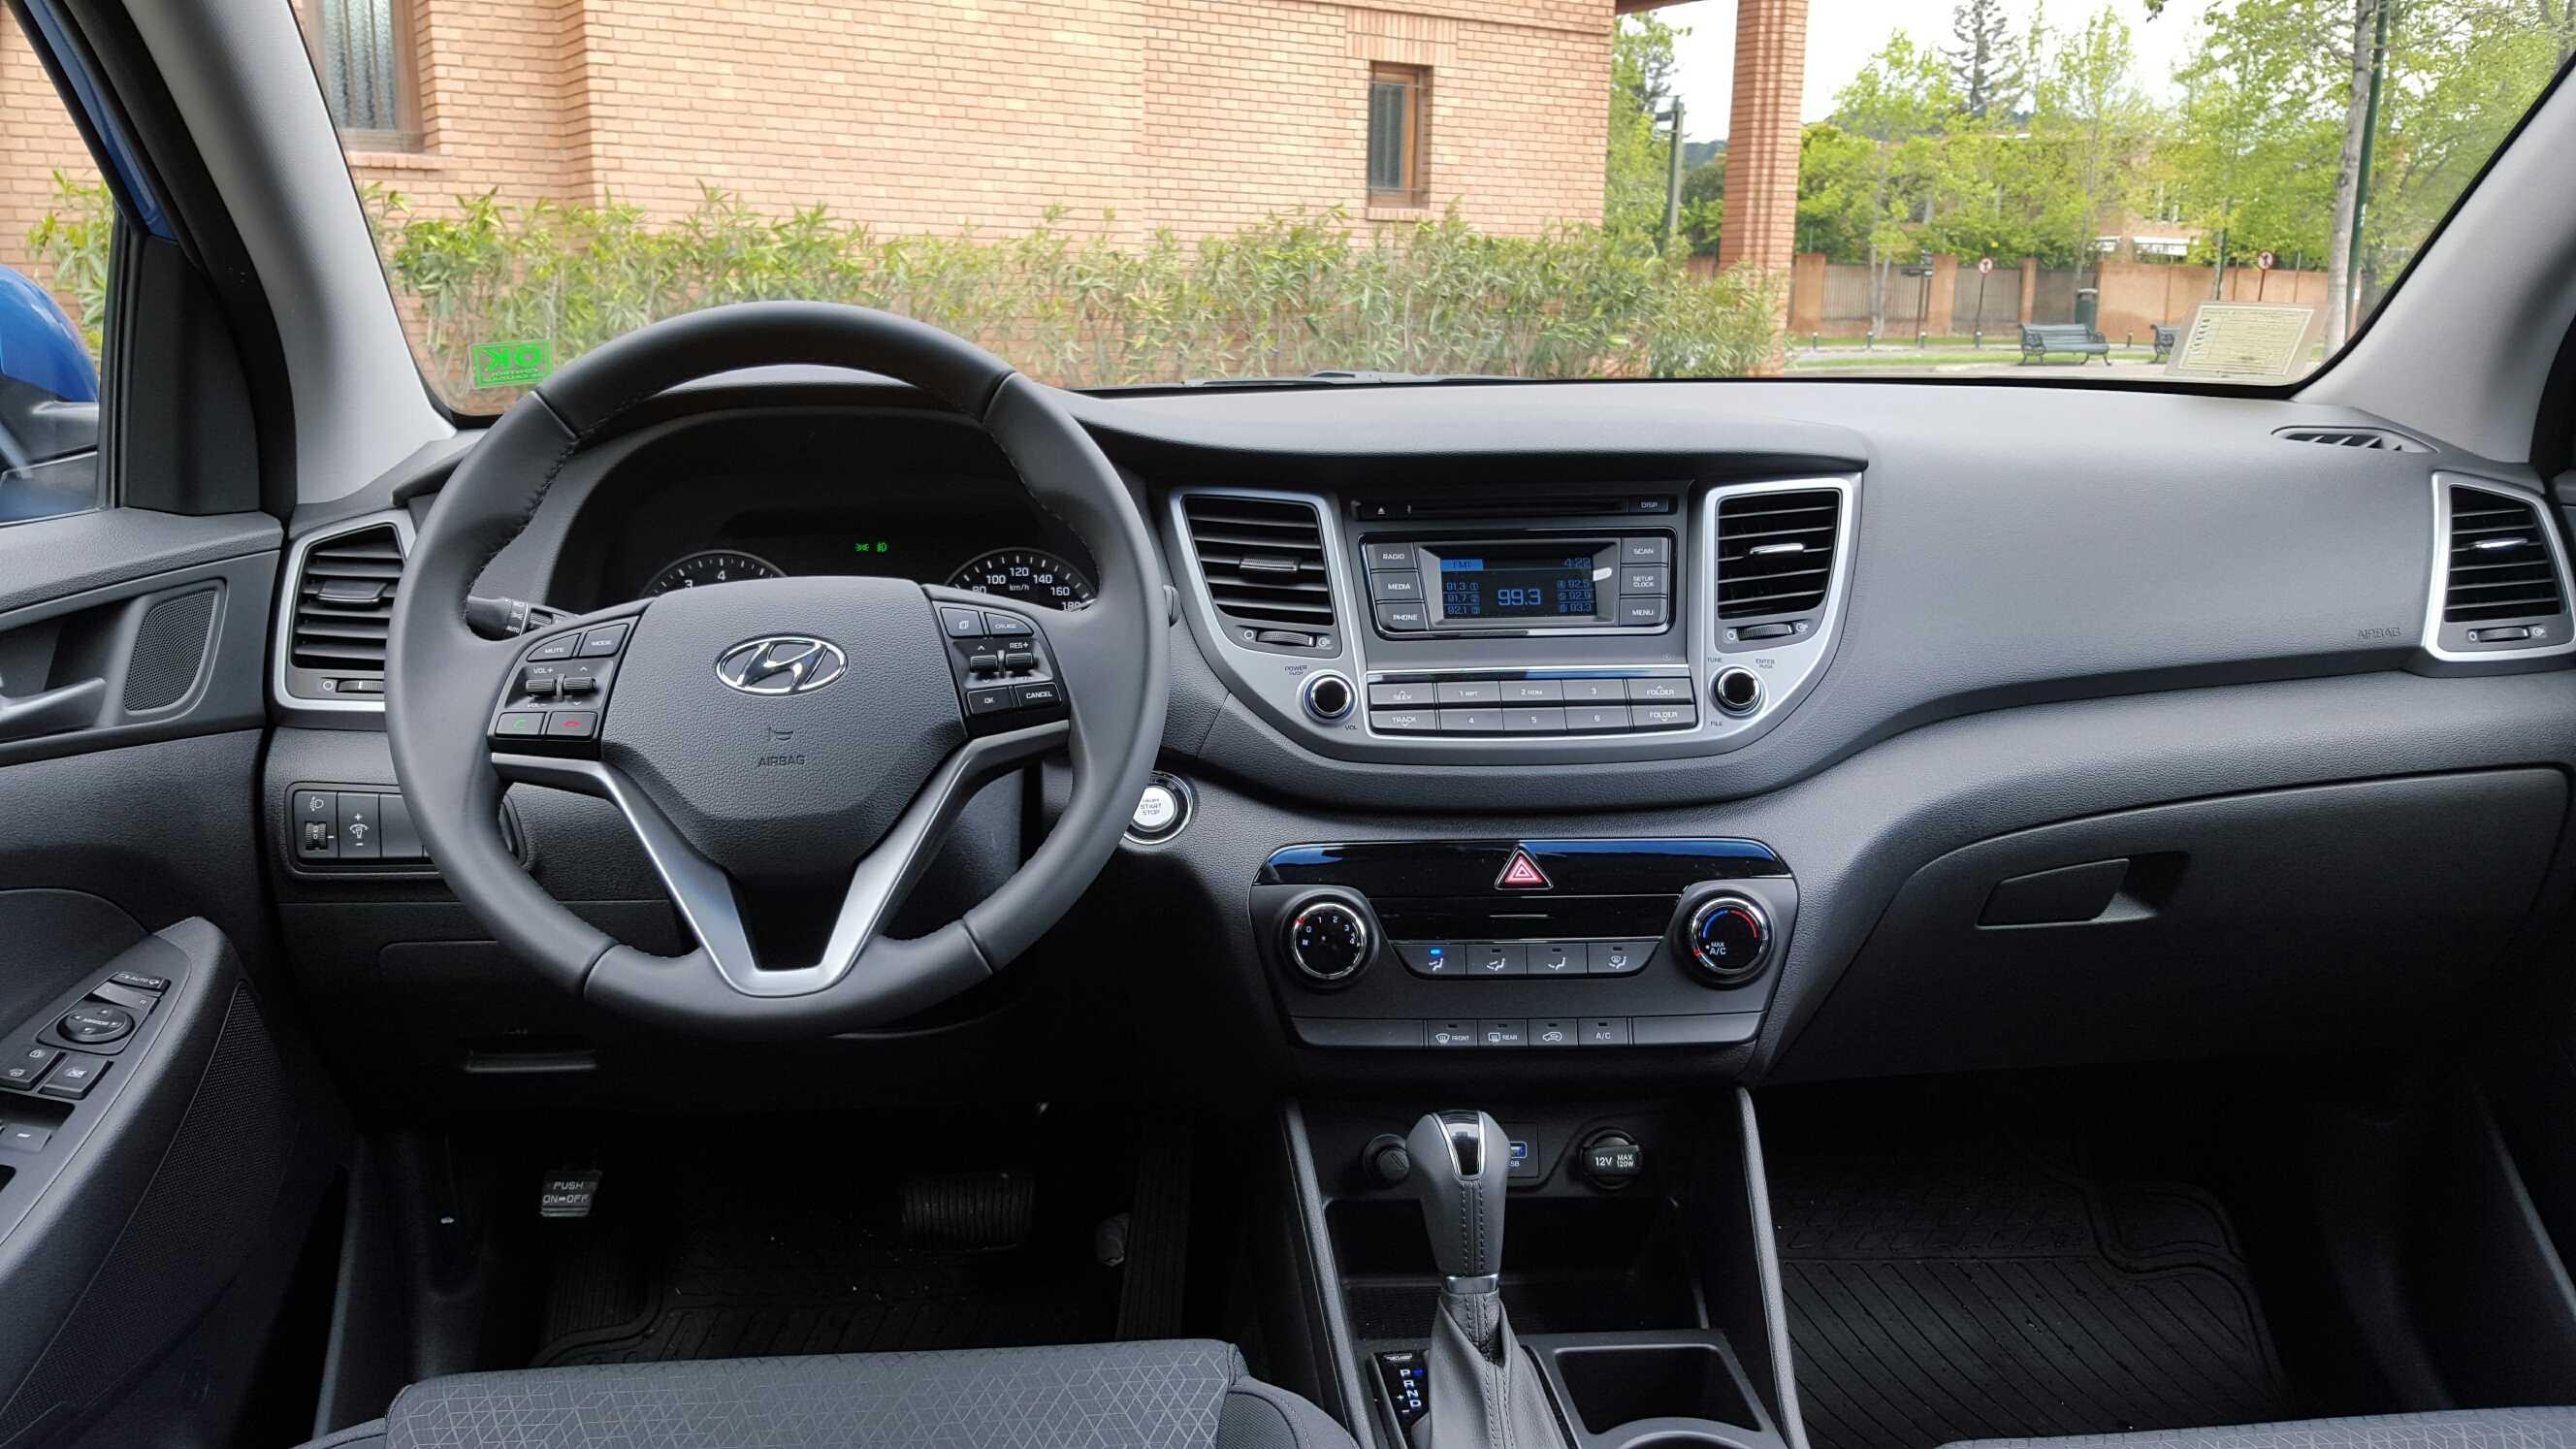 Hyundai Tucson Tl 2 0l 153 Cv 6at Gls Premium 2016 Rutamotor